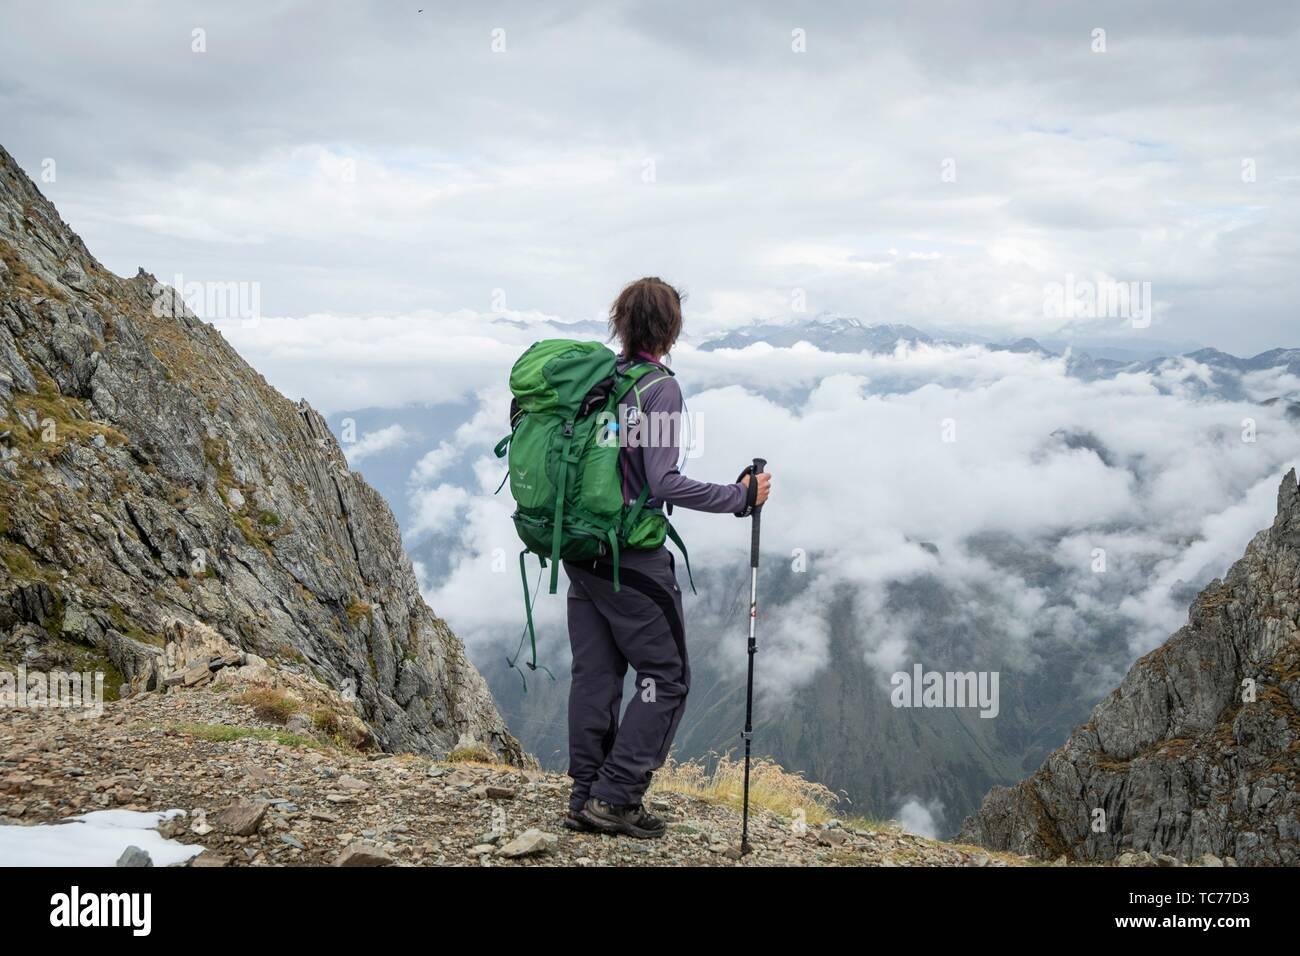 col de Faustin, valle de Valier -Riberot-, Parque Natural Regional de los Pirineos de Ariège, cordillera de los Pirineos, Francia. - Stock Image